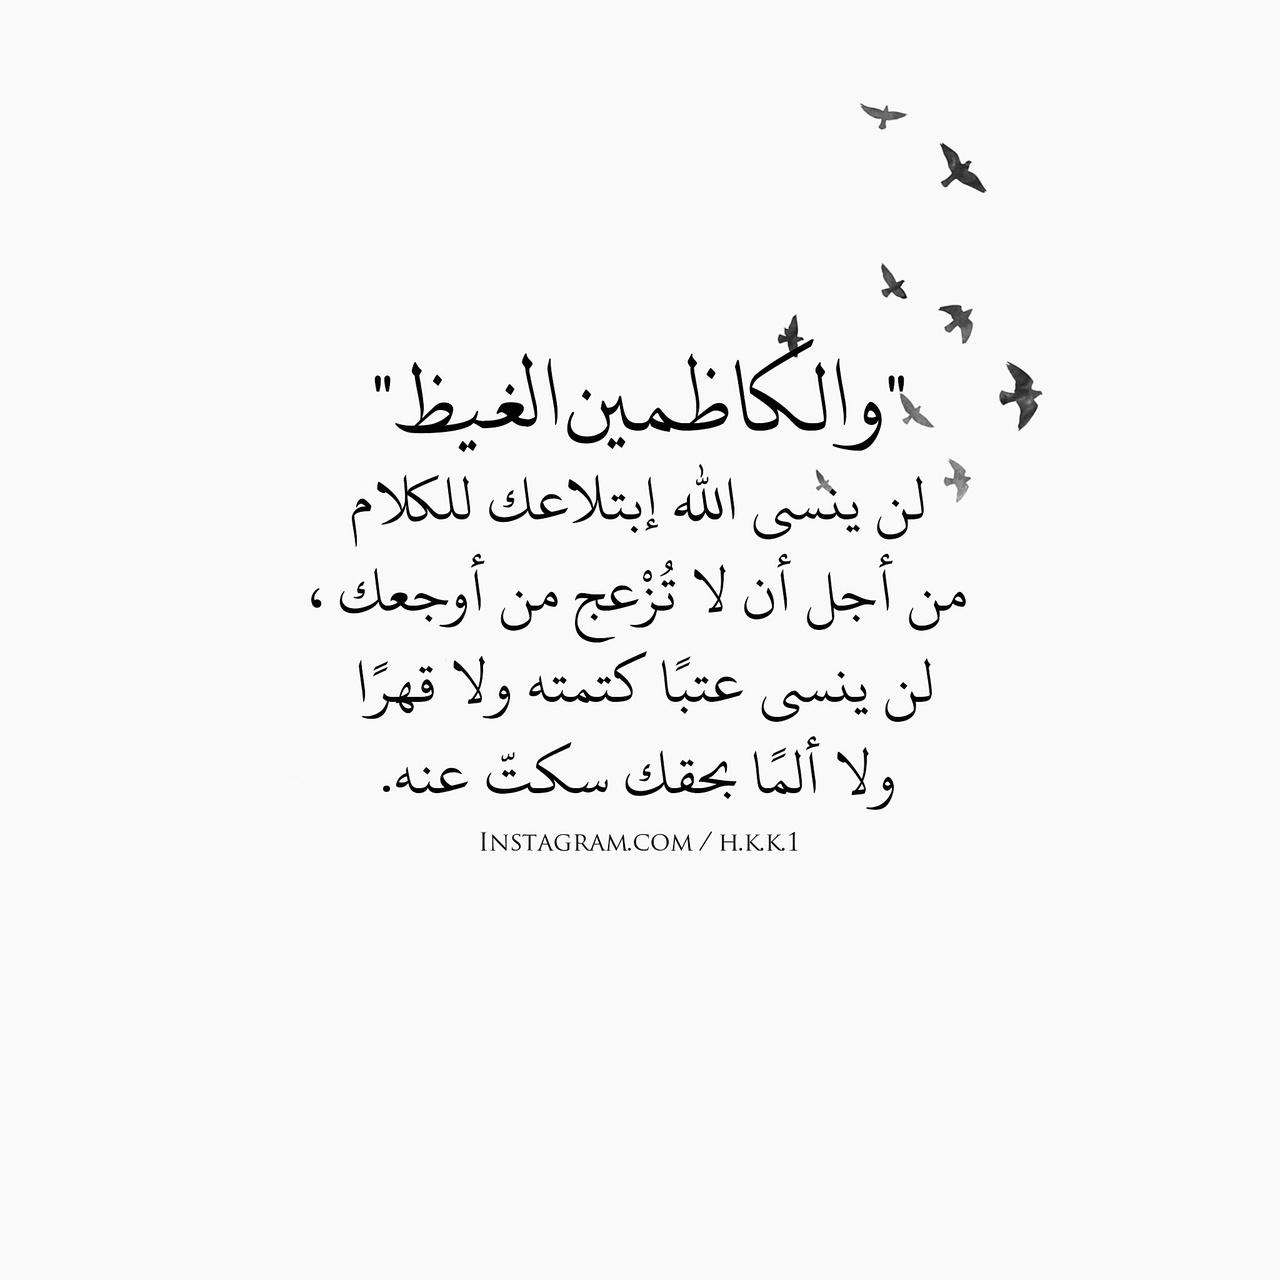 والكاظمين الغيظ والعافين